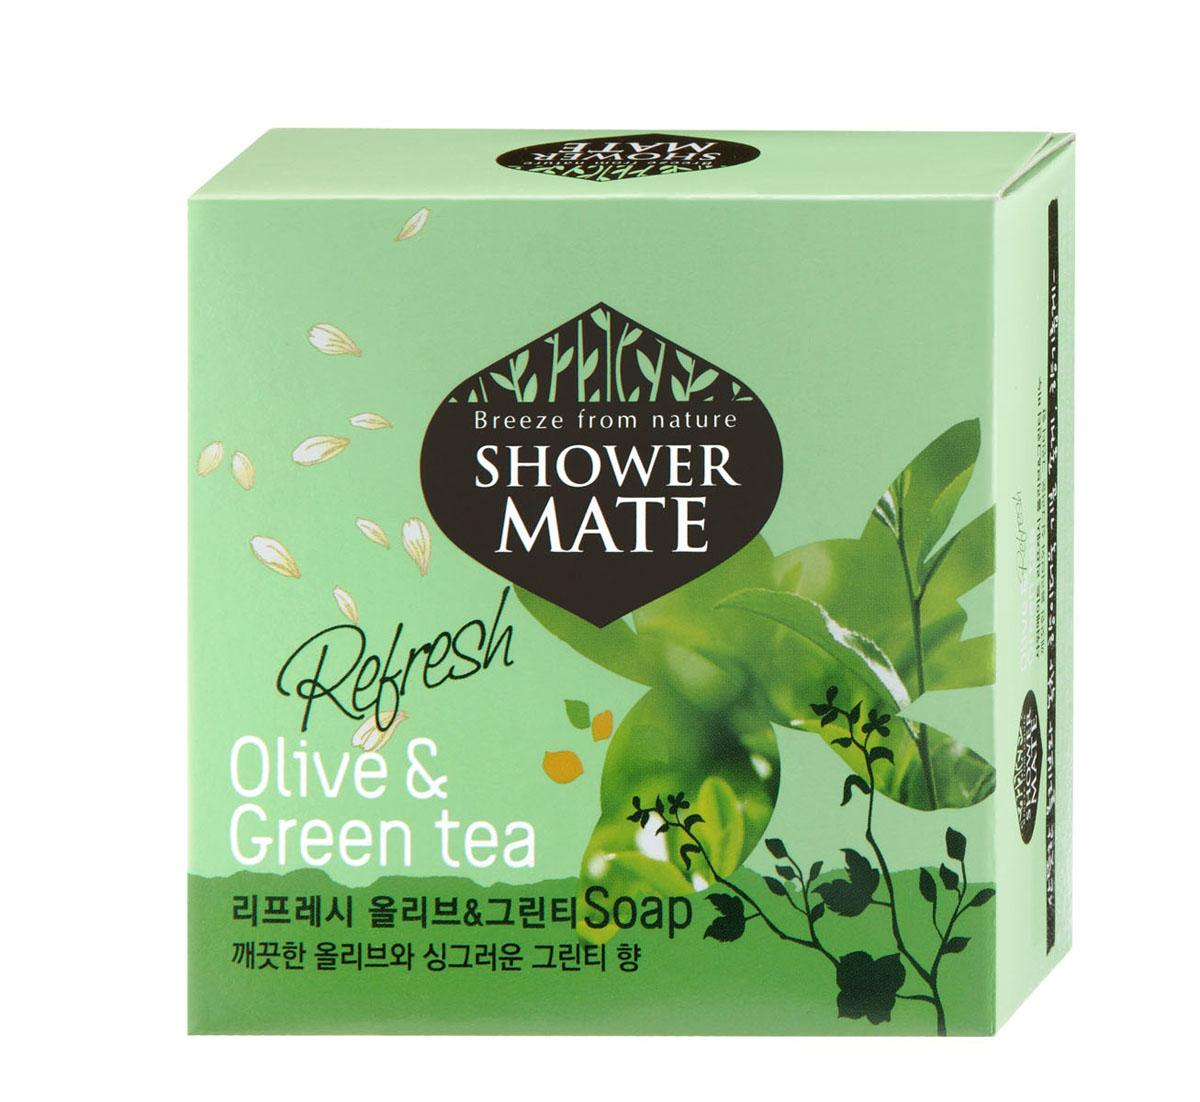 Shower Mate Мыло косметическое Оливки и зеленый чай, 100 г988084Богатый полезными веществами, экстракт оливы увлажняет и создает защитный слой для кожи. Катехины зеленого чая предотвращают преждевременное старение кожи, способствуют ее омоложению. Свежий аромат оливы и бодрящий аромат зеленого чая дарят ощущение прохлады и чистоты. Характеристики: Вес: 100 г. Артикул: 988084. Производитель: Корея. Товар сертифицирован.